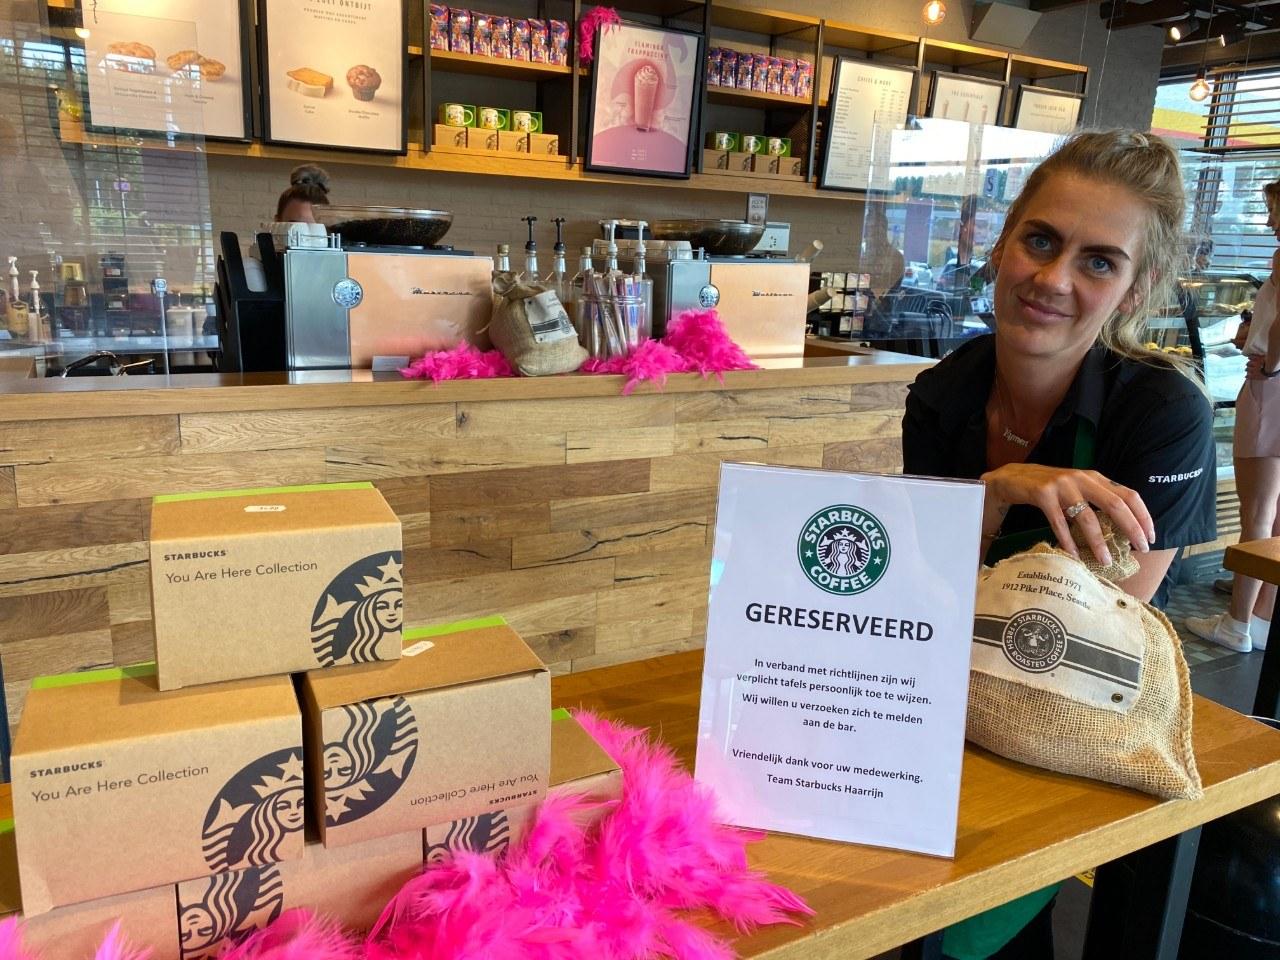 Starbucks koffie snelweg A2 corona